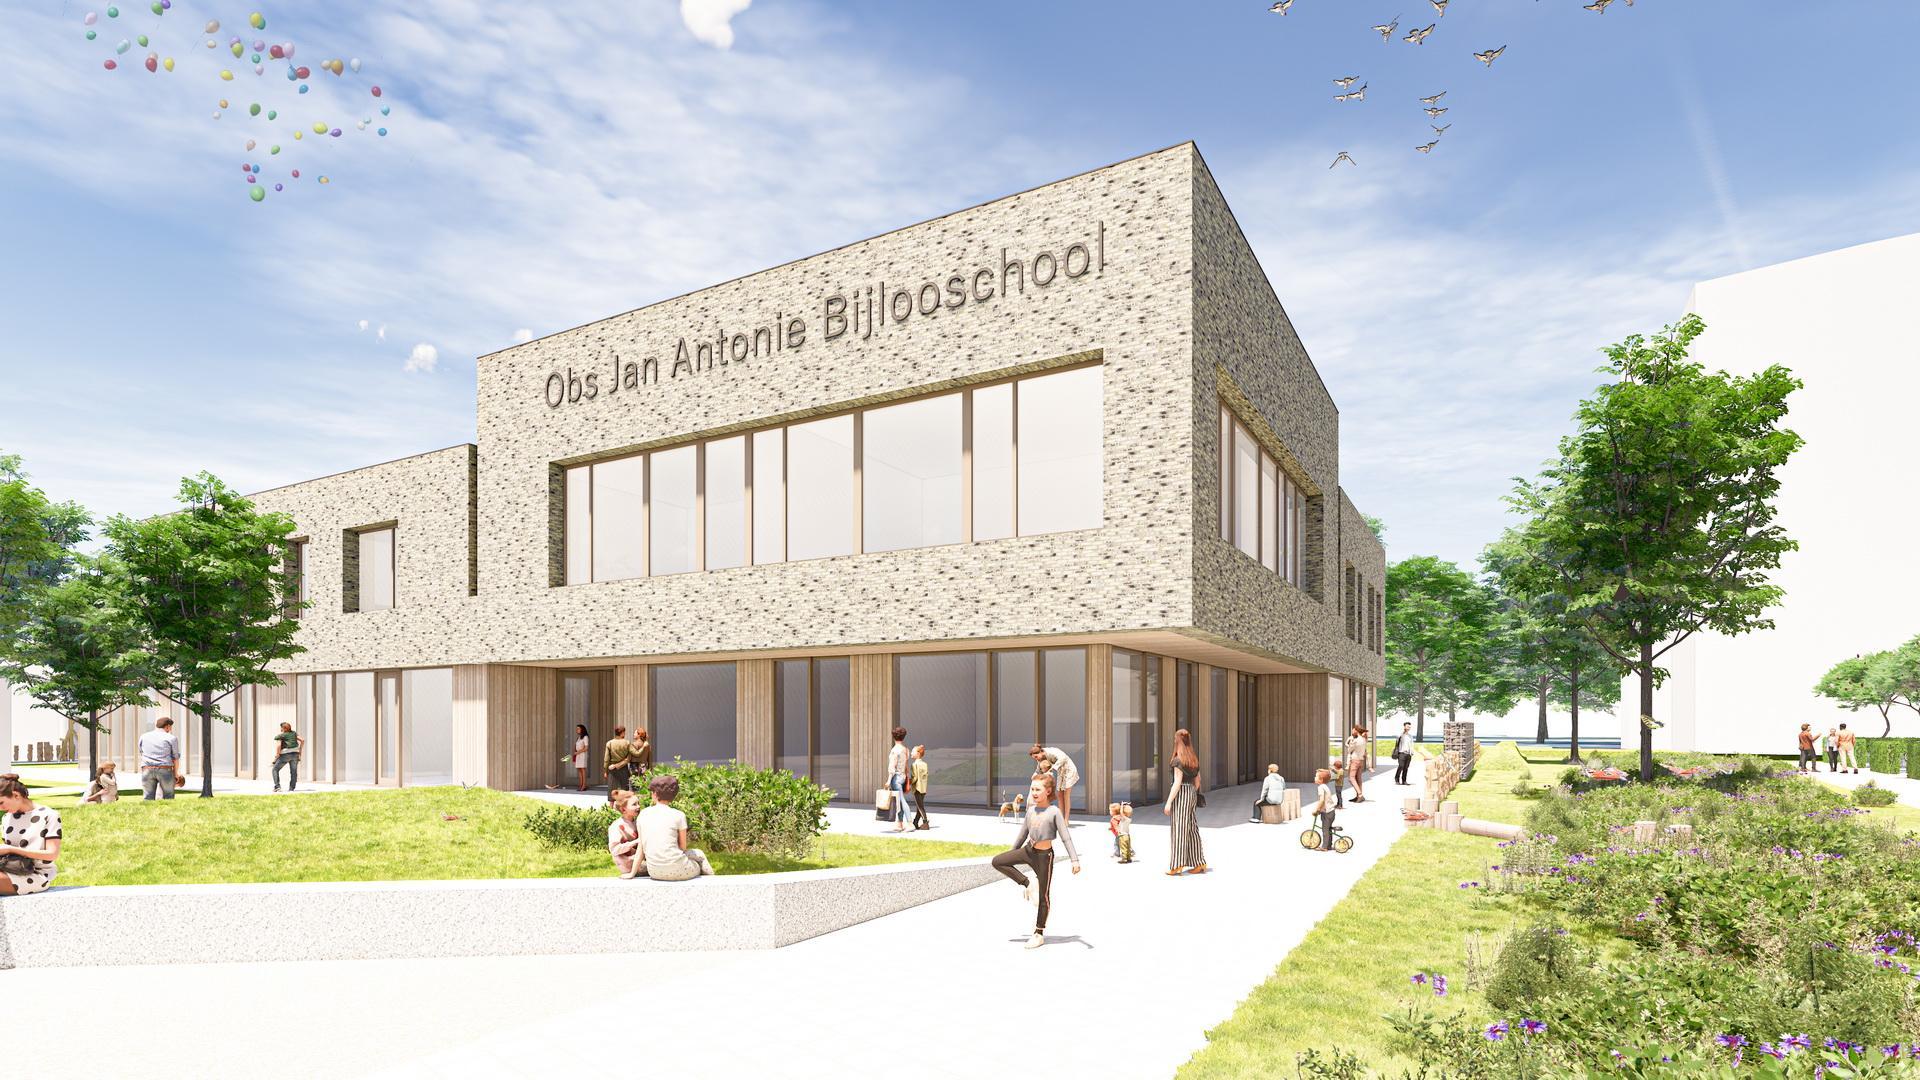 Jan Antonie Bijlooschool